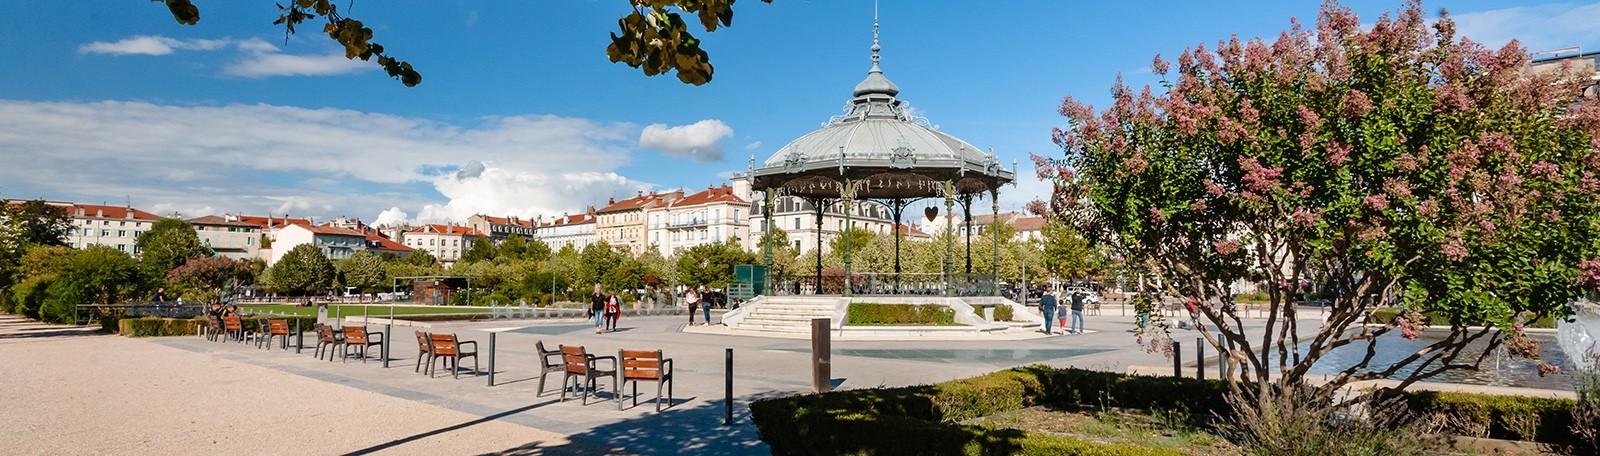 Car park Chevandier - Park in Valence | Q-Park